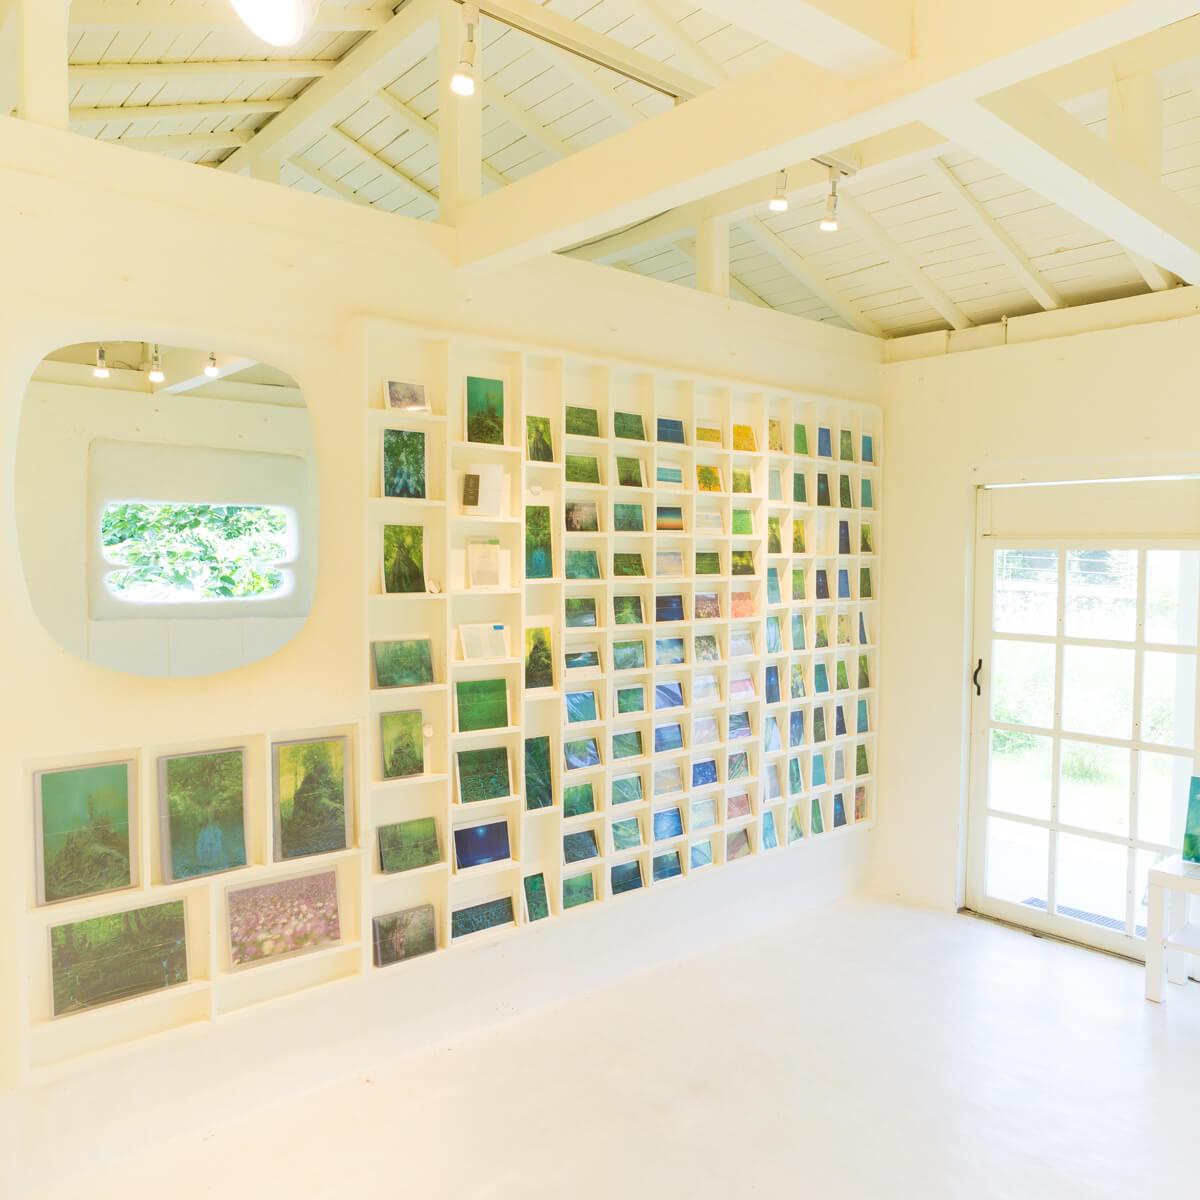 屋久島しずくギャラリー 室内 ポストカード、絵画、ジュエリーの販売、展示